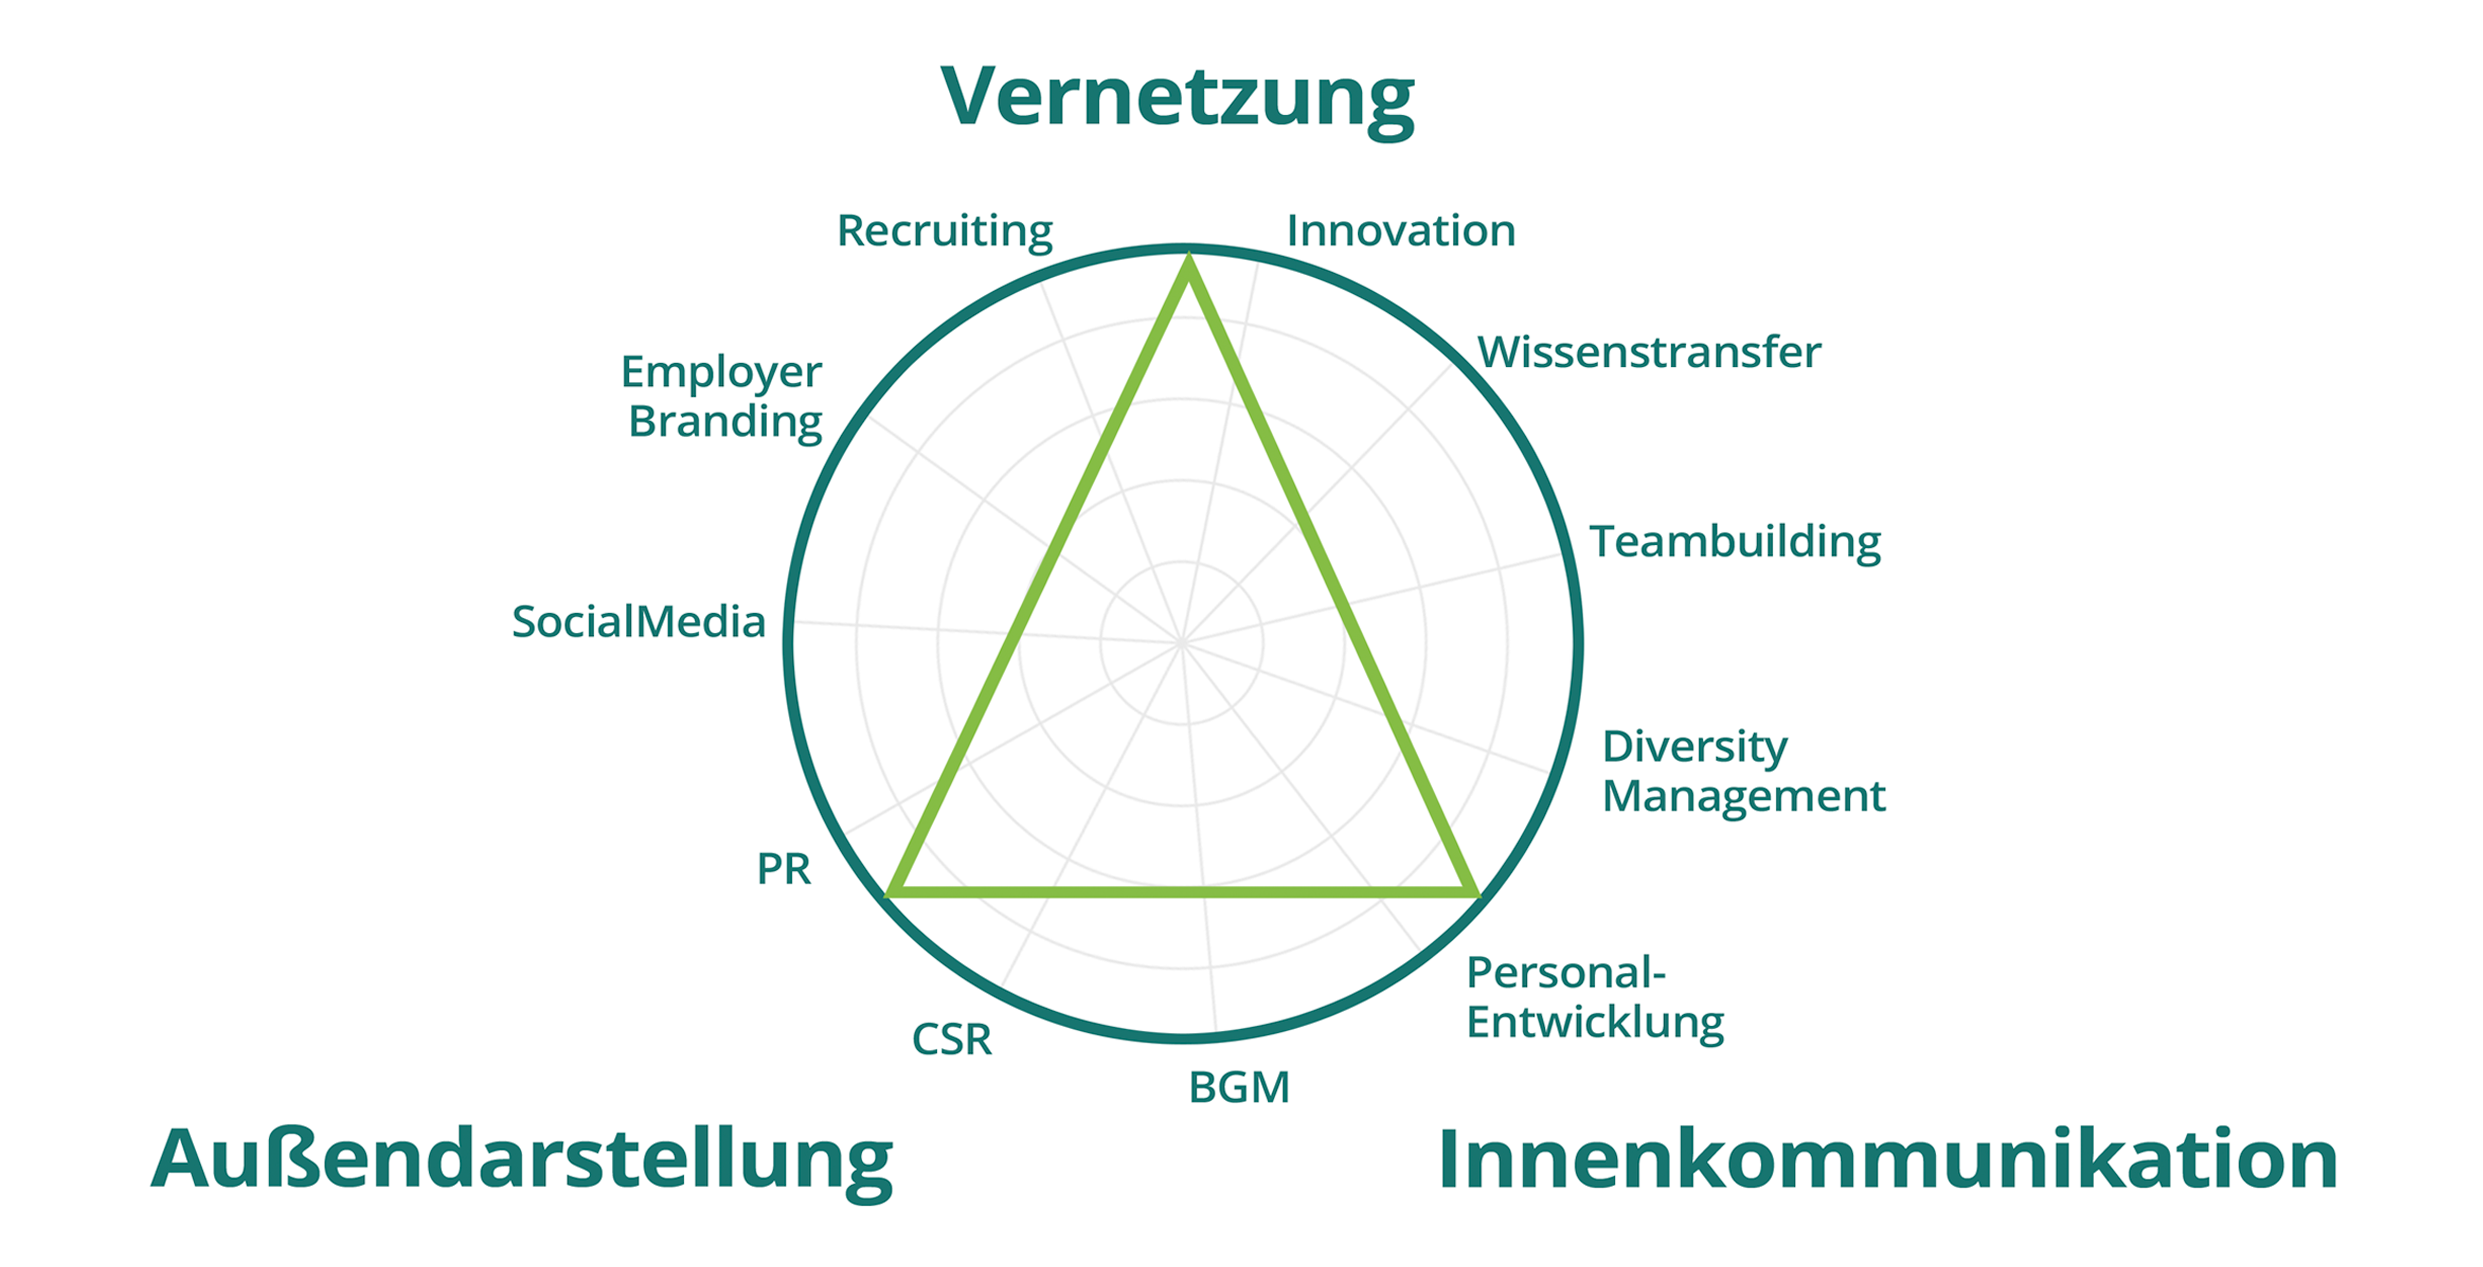 Spende dein Talent - New Work Environment Grafik